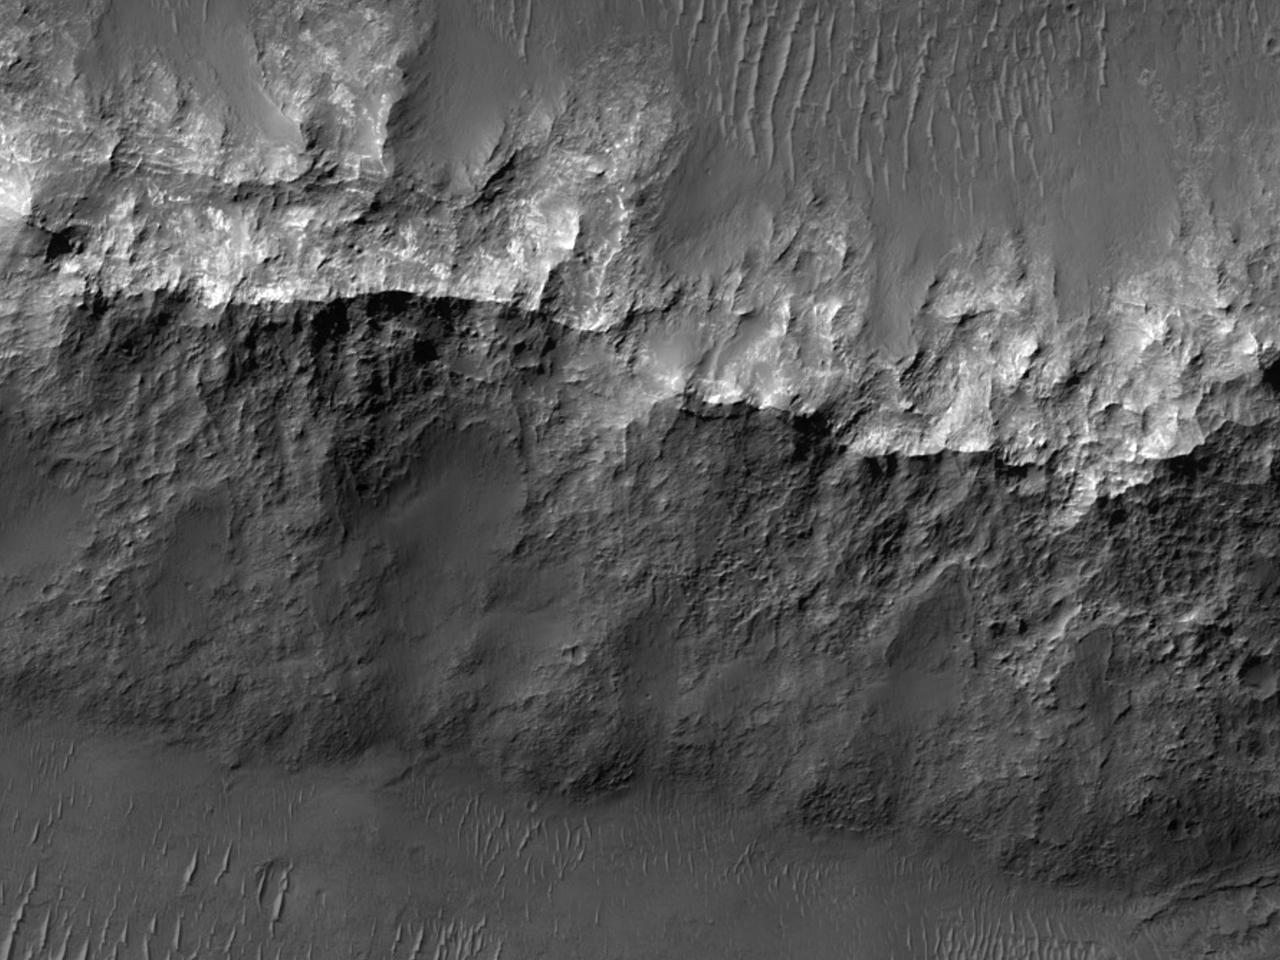 Lyst materiale i midten av et krater i Gorgonum Chaos Basin